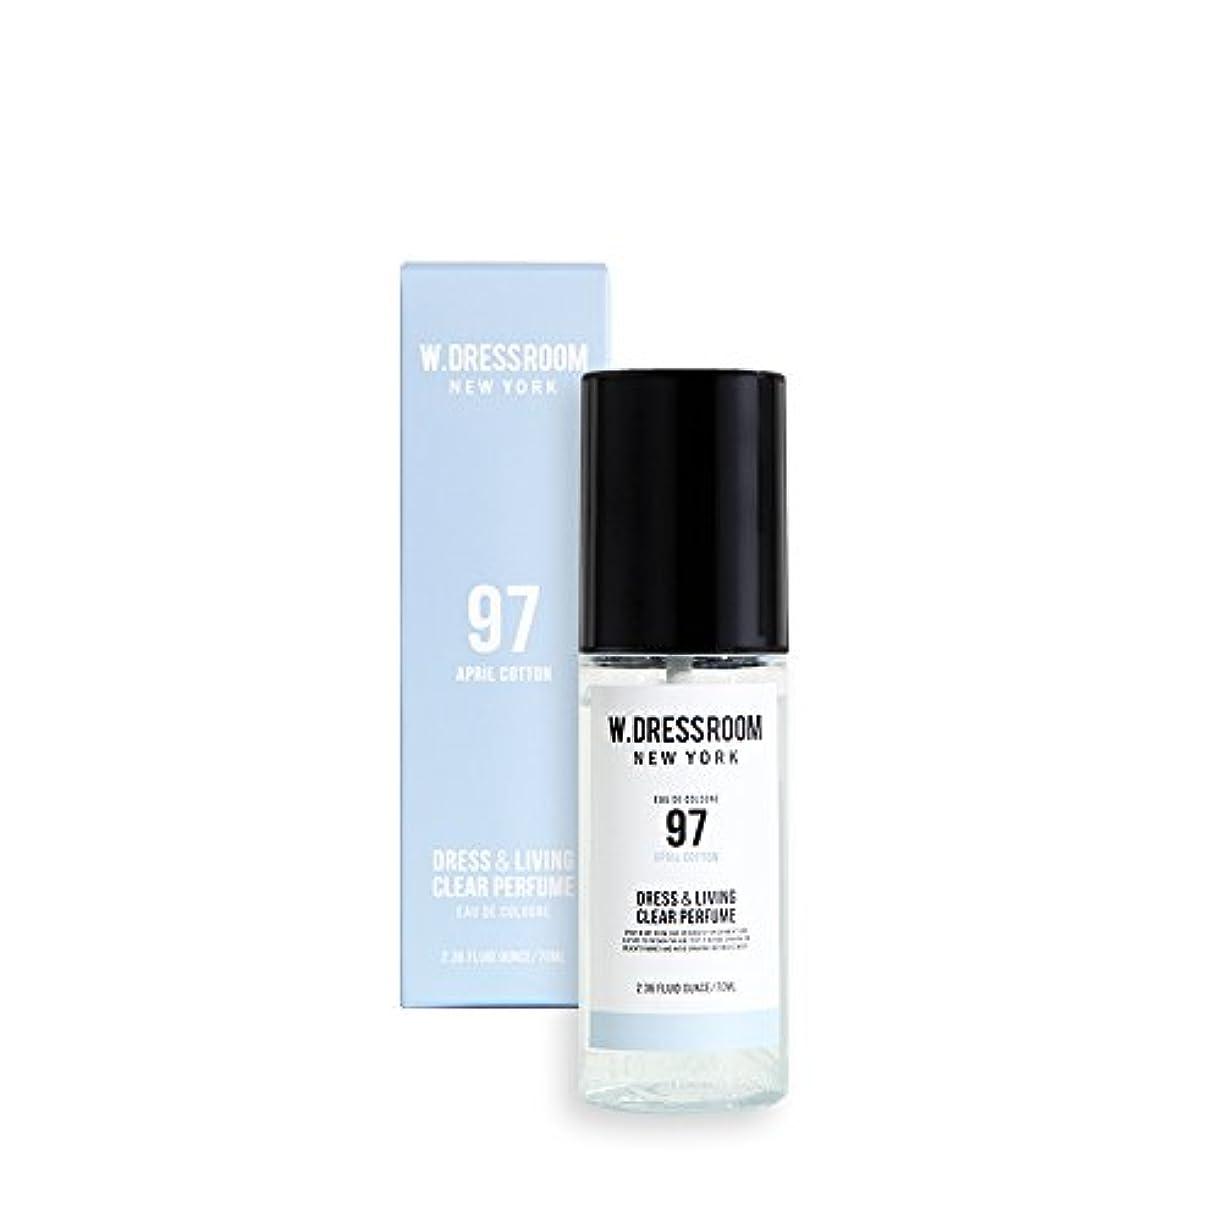 ダンプガレージええW.DRESSROOM Dress & Living Clear Perfume 70ml/ダブルドレスルーム ドレス&リビング クリア パフューム 70ml (#No.97 April Cotton) [並行輸入品]